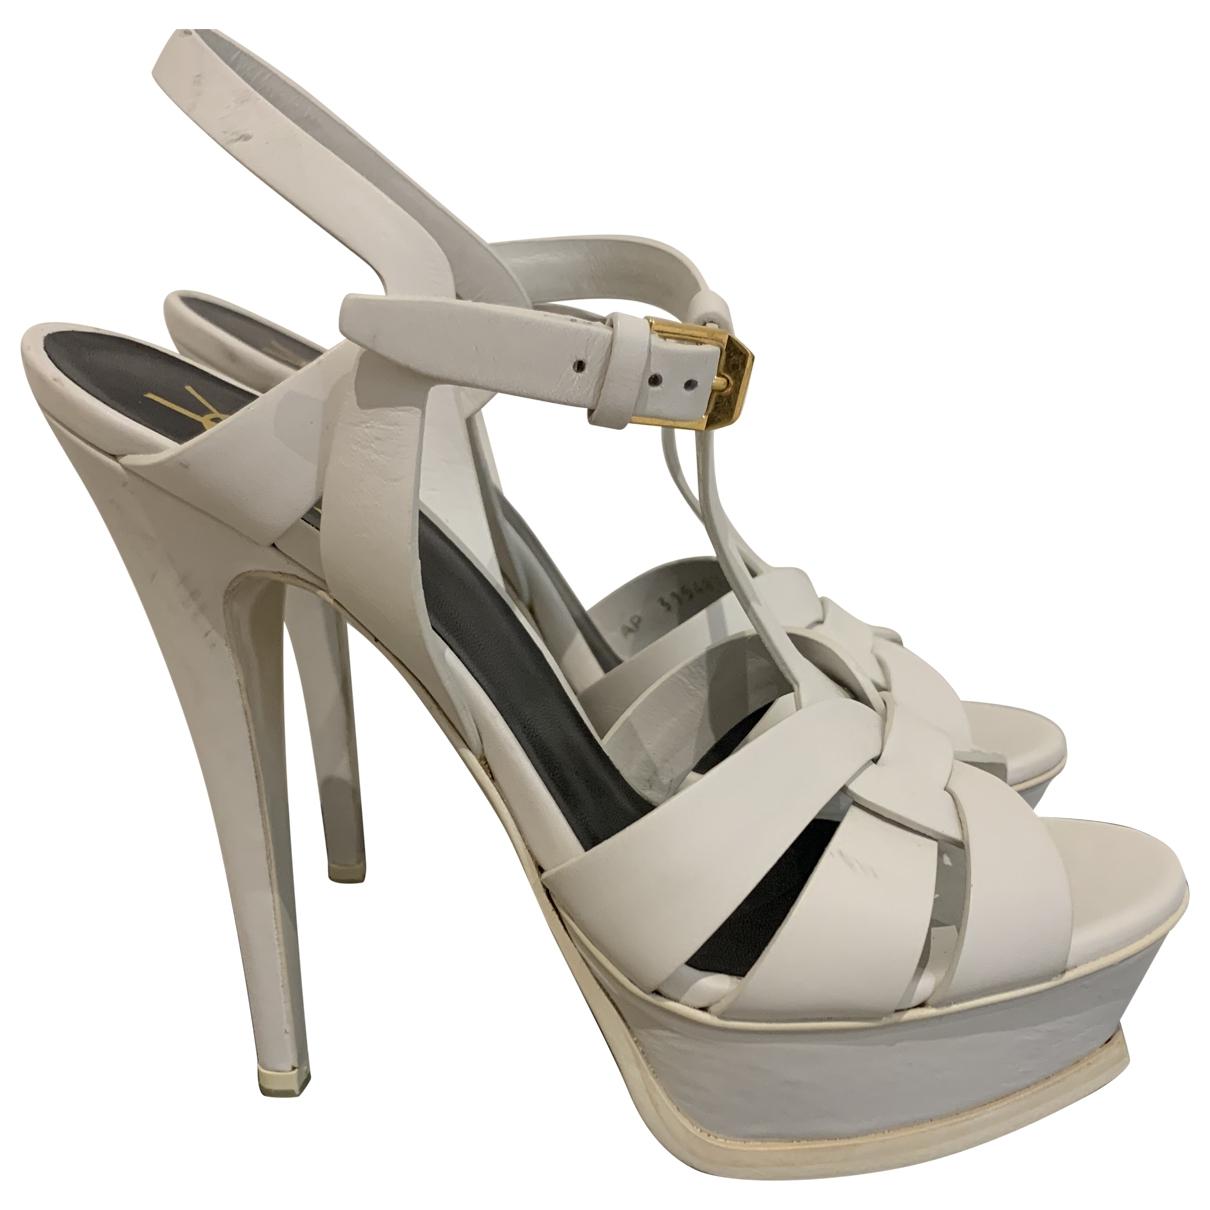 Saint Laurent Tribute White Leather Sandals for Women 37 EU